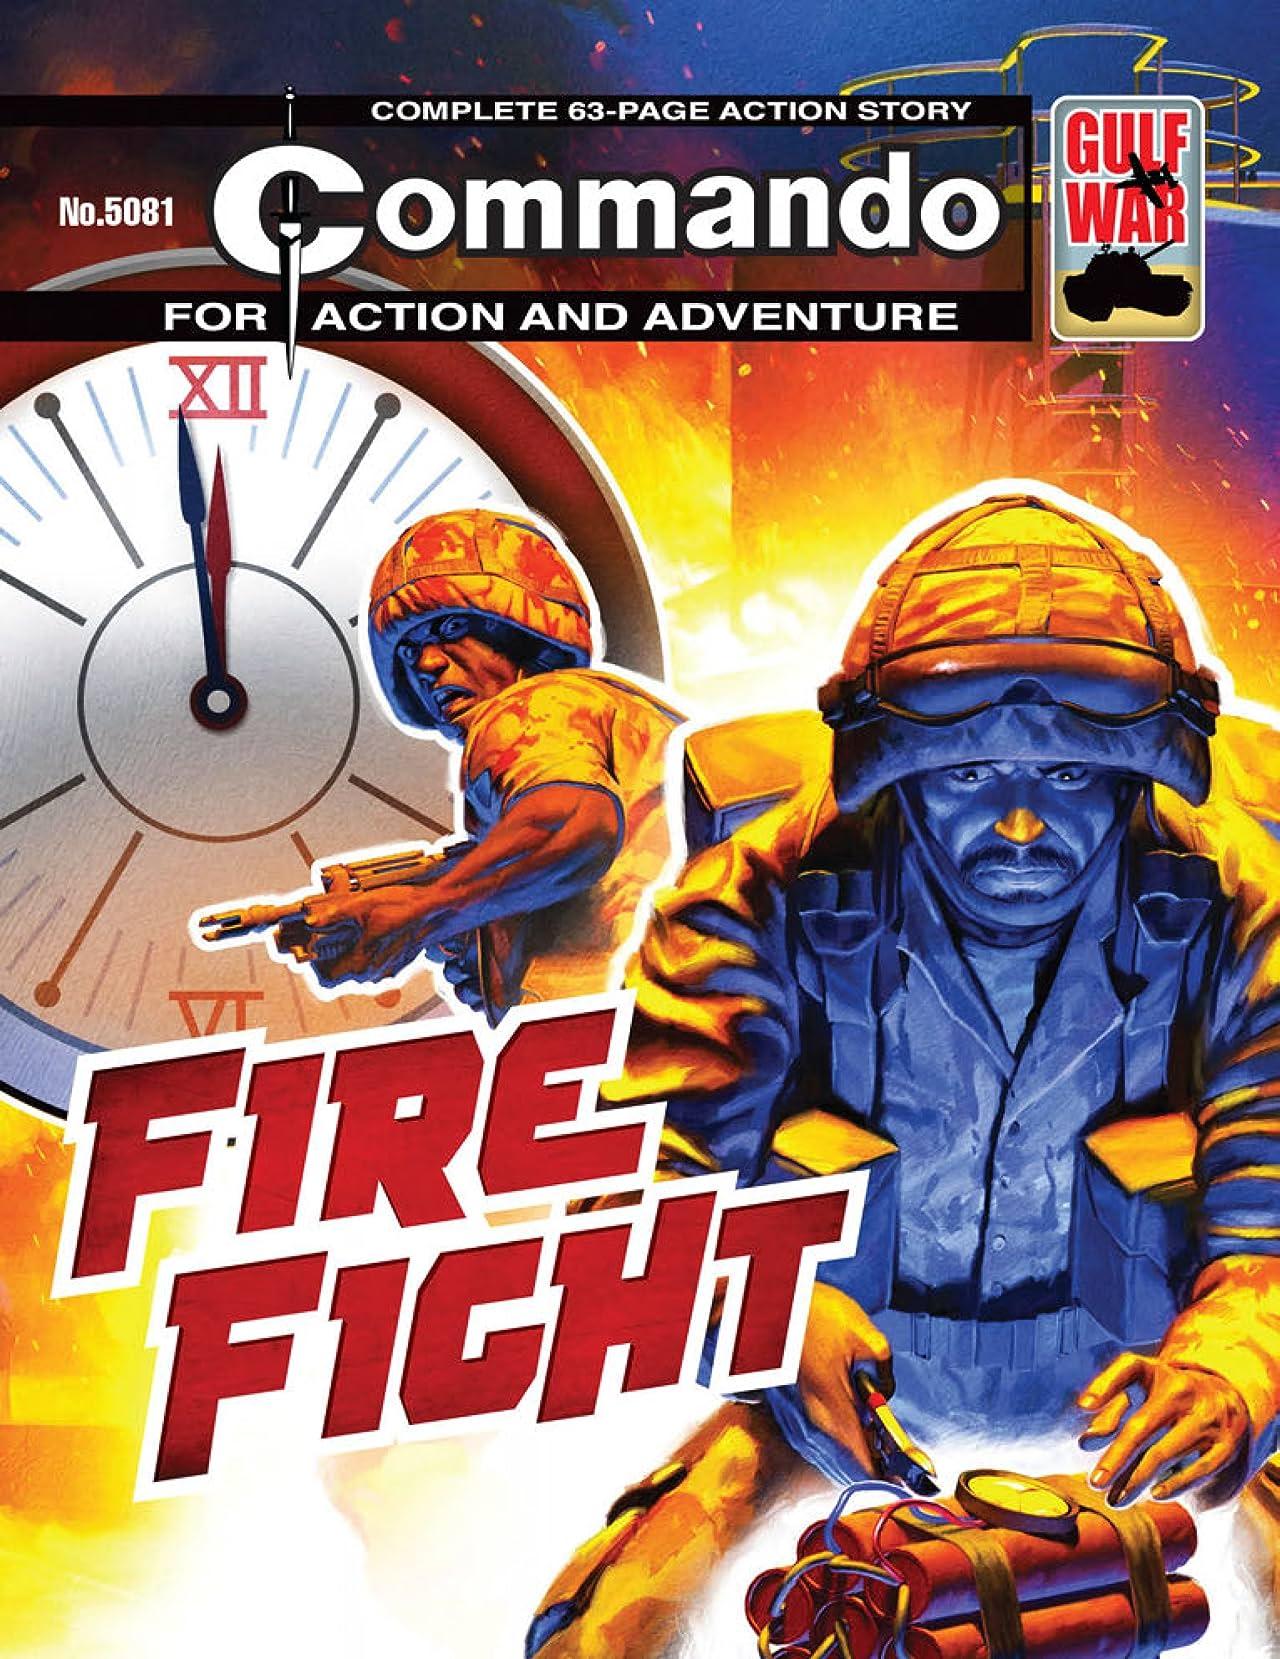 Commando #5081: Fire Fight